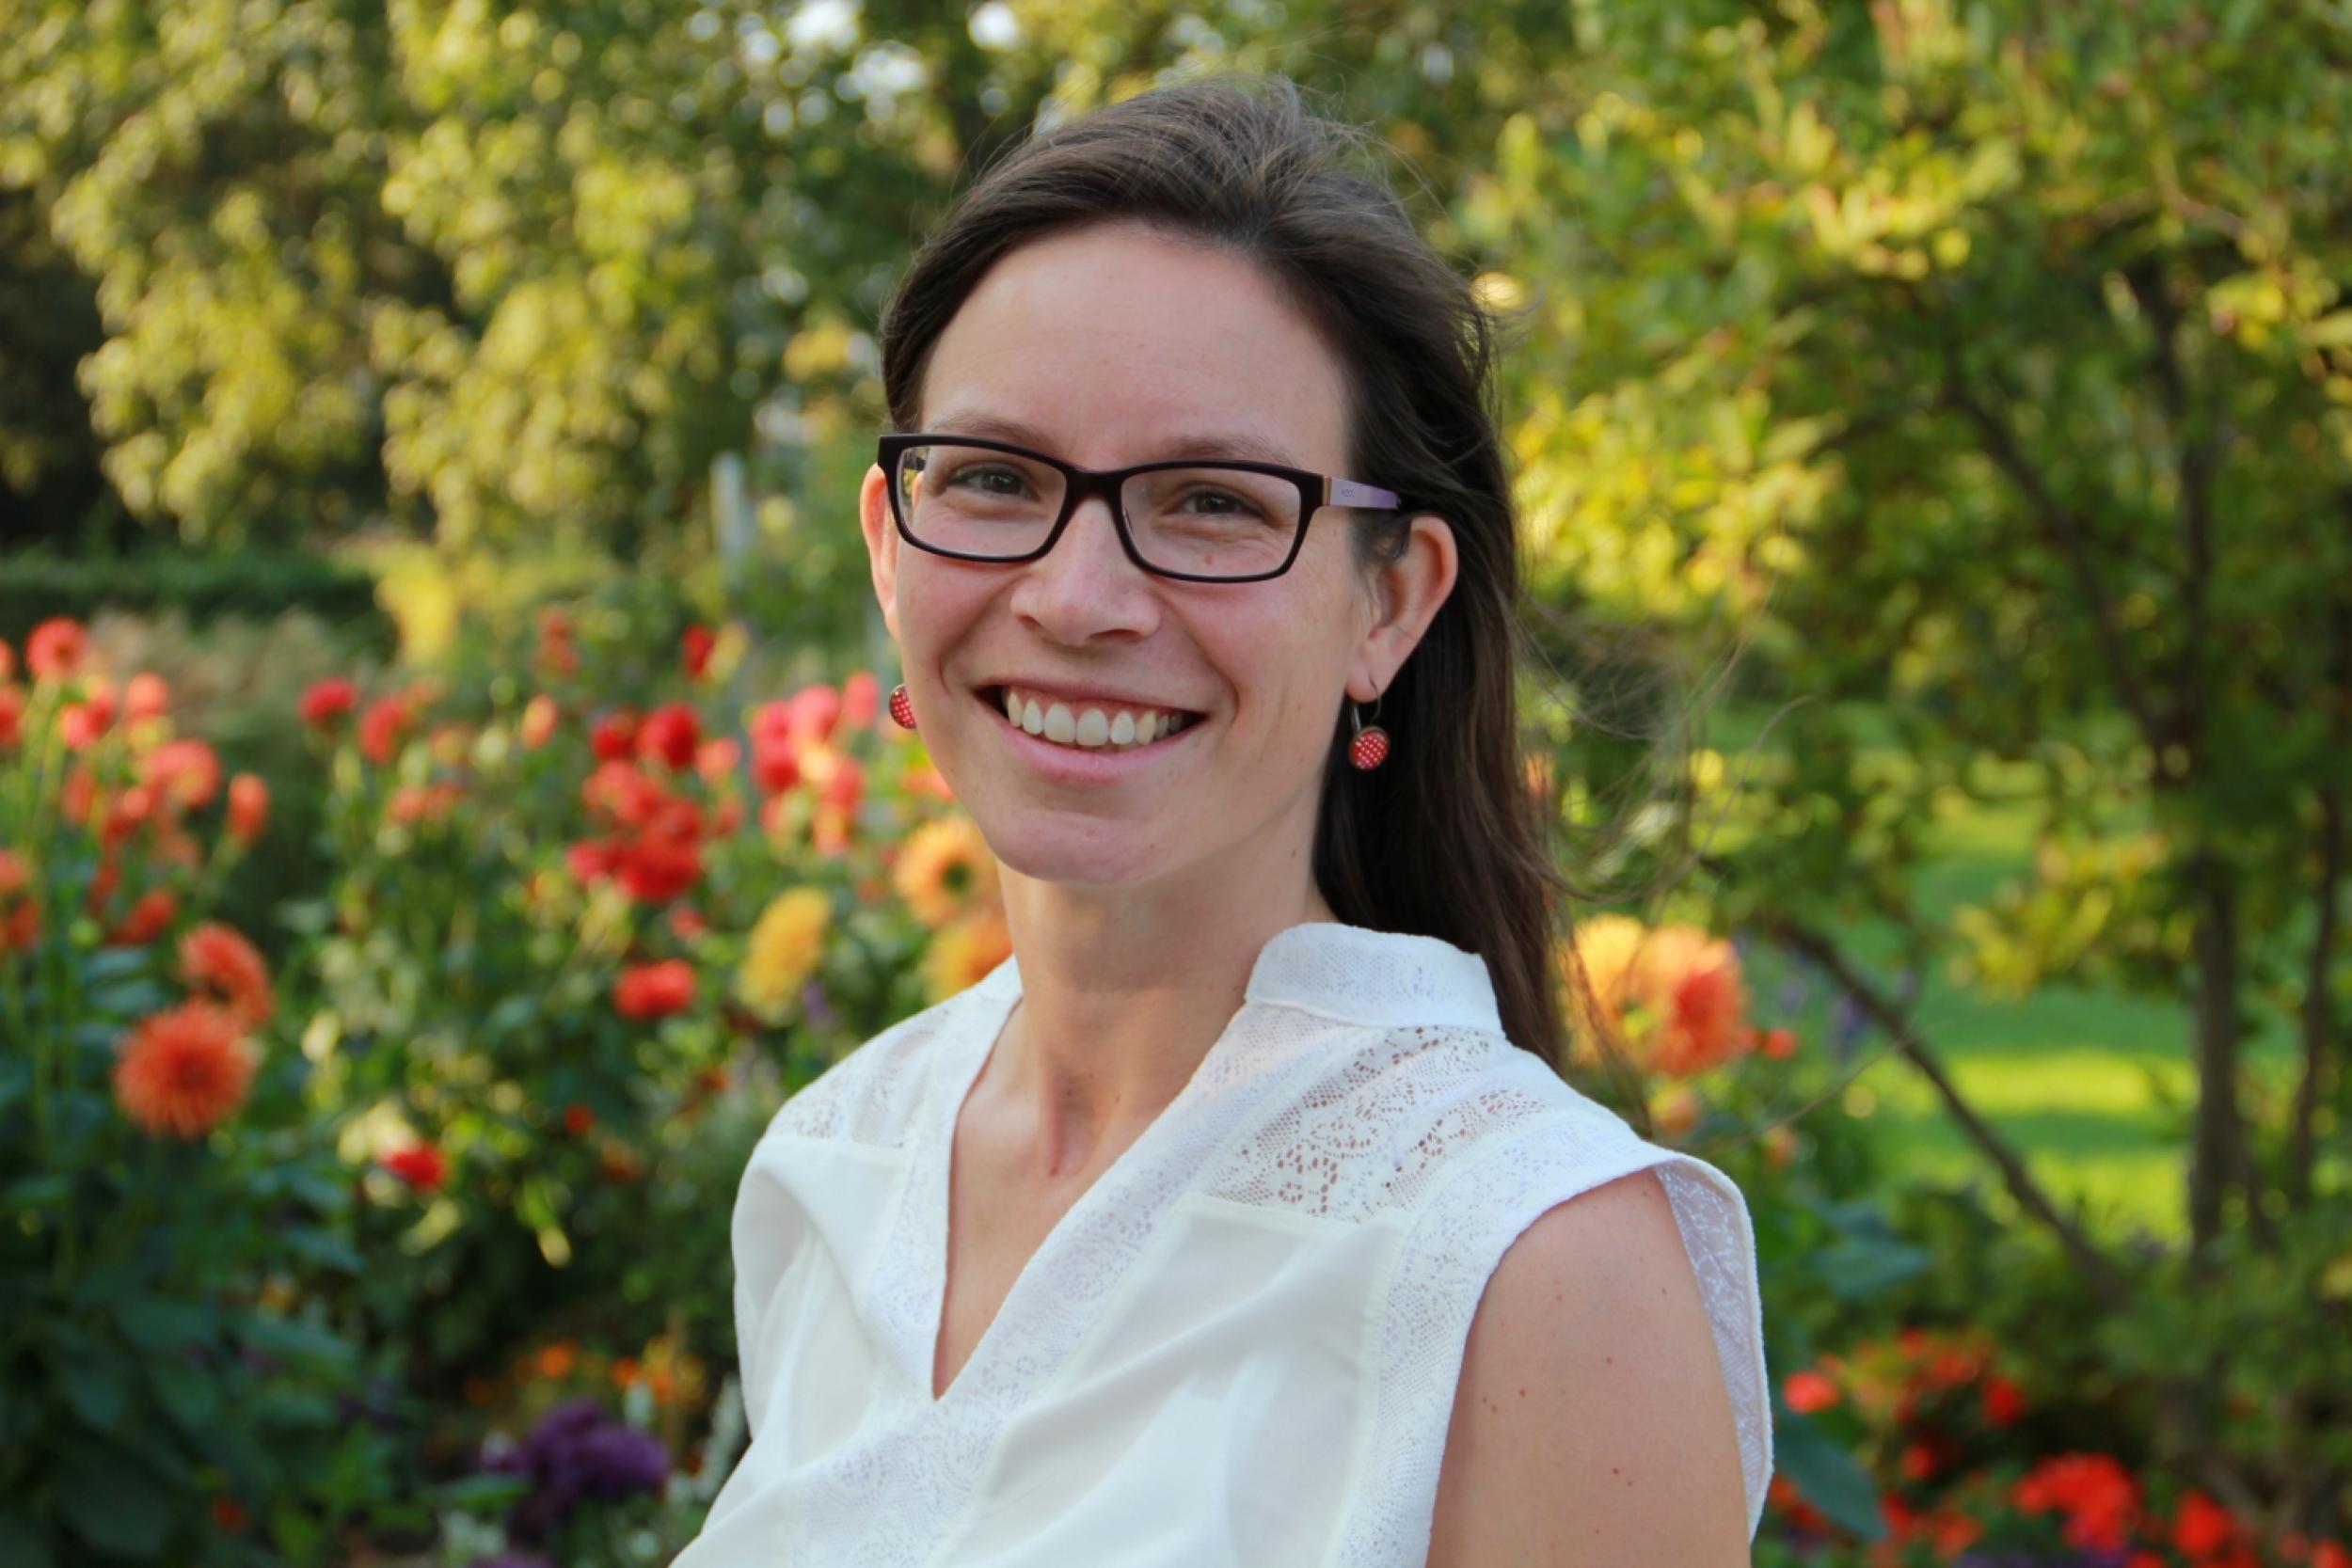 Theresa Pauli, Gleichstellungs- und Integrationsbeauftragte Landkreis Potsdam-Mittelmark